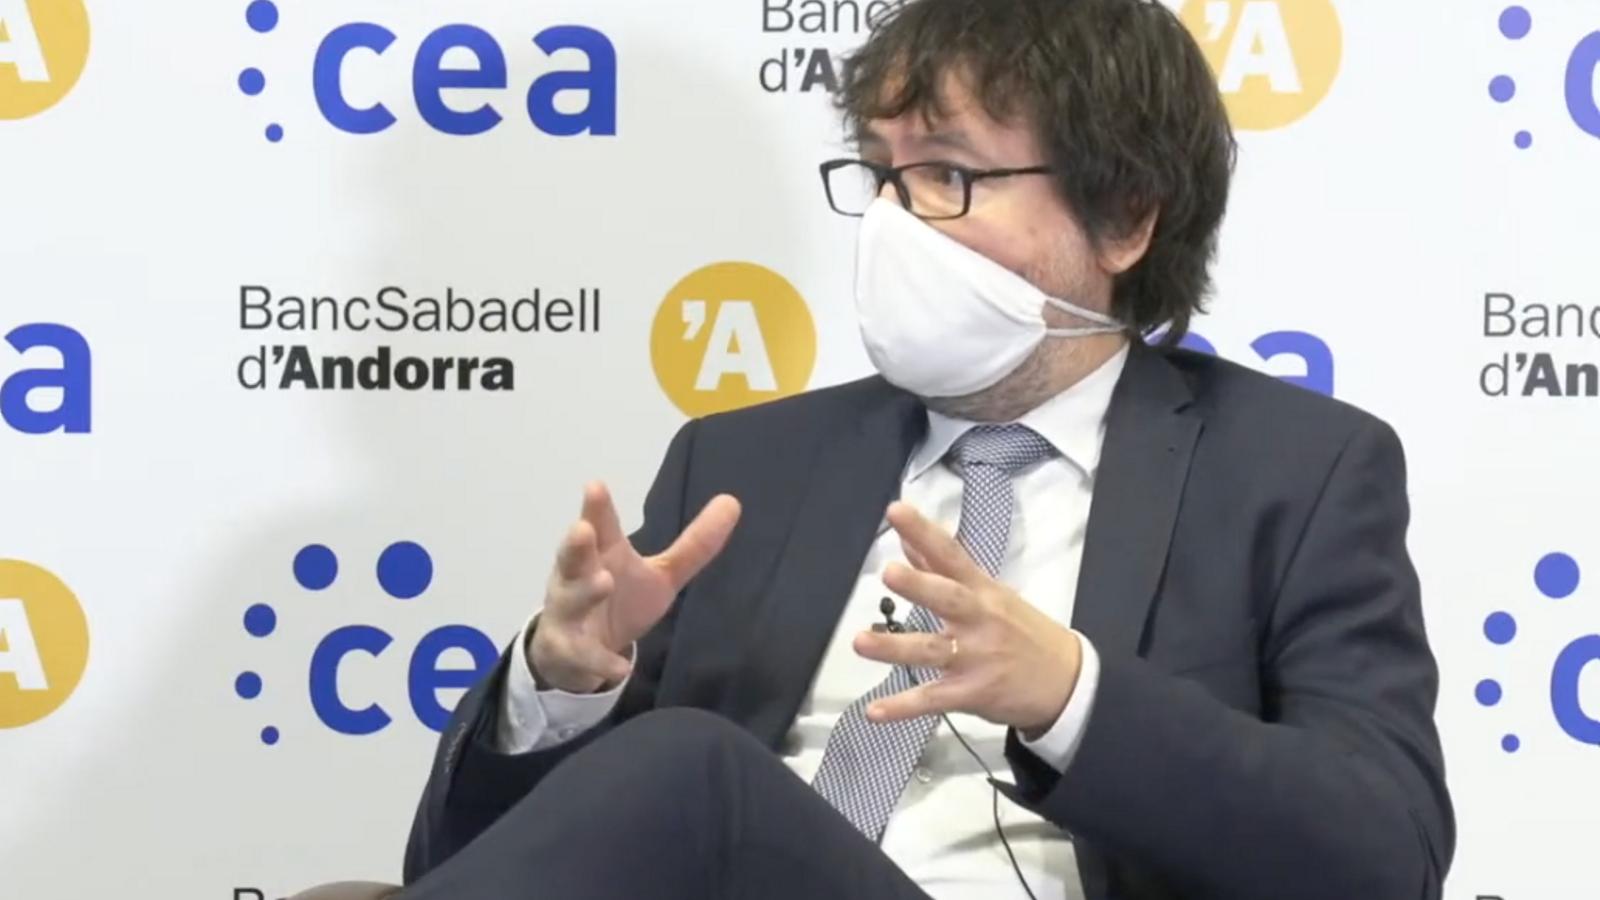 Font recorda l'anècdota del canvi de nom de l'aeroport Andorra la Seu / CEA